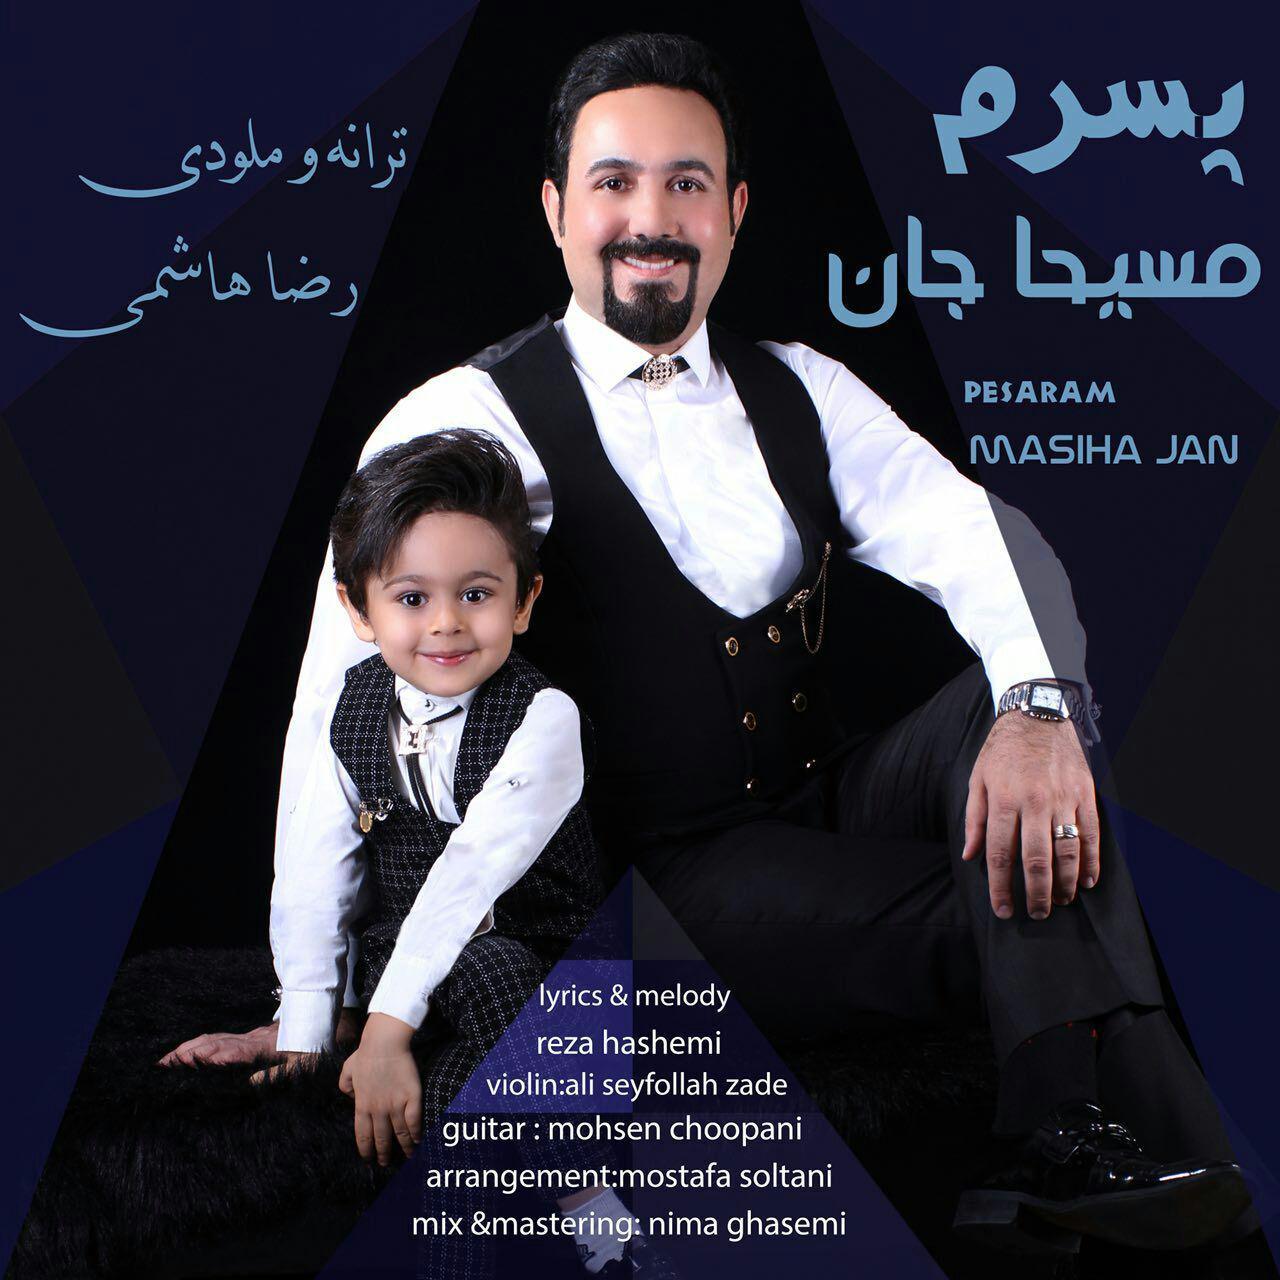 Reza Hashemi – Pesaram Masiha Jan